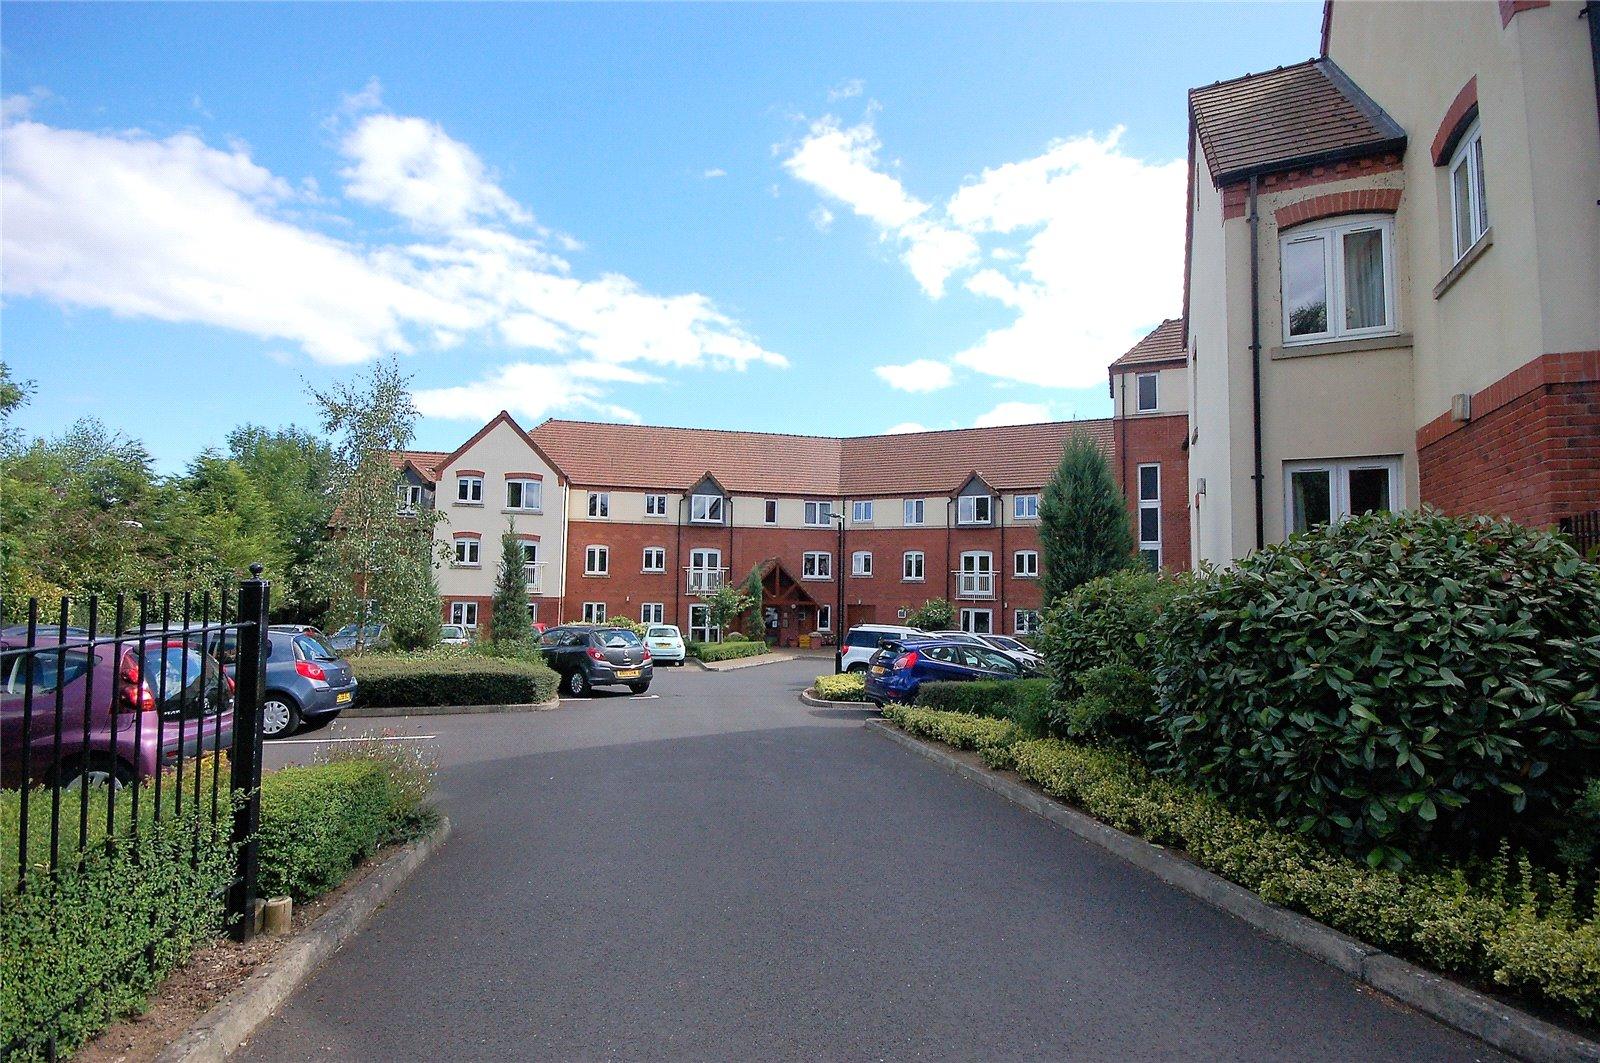 47 Farthings Court, Kings Loade, Bridgnorth, Shropshire, WV16